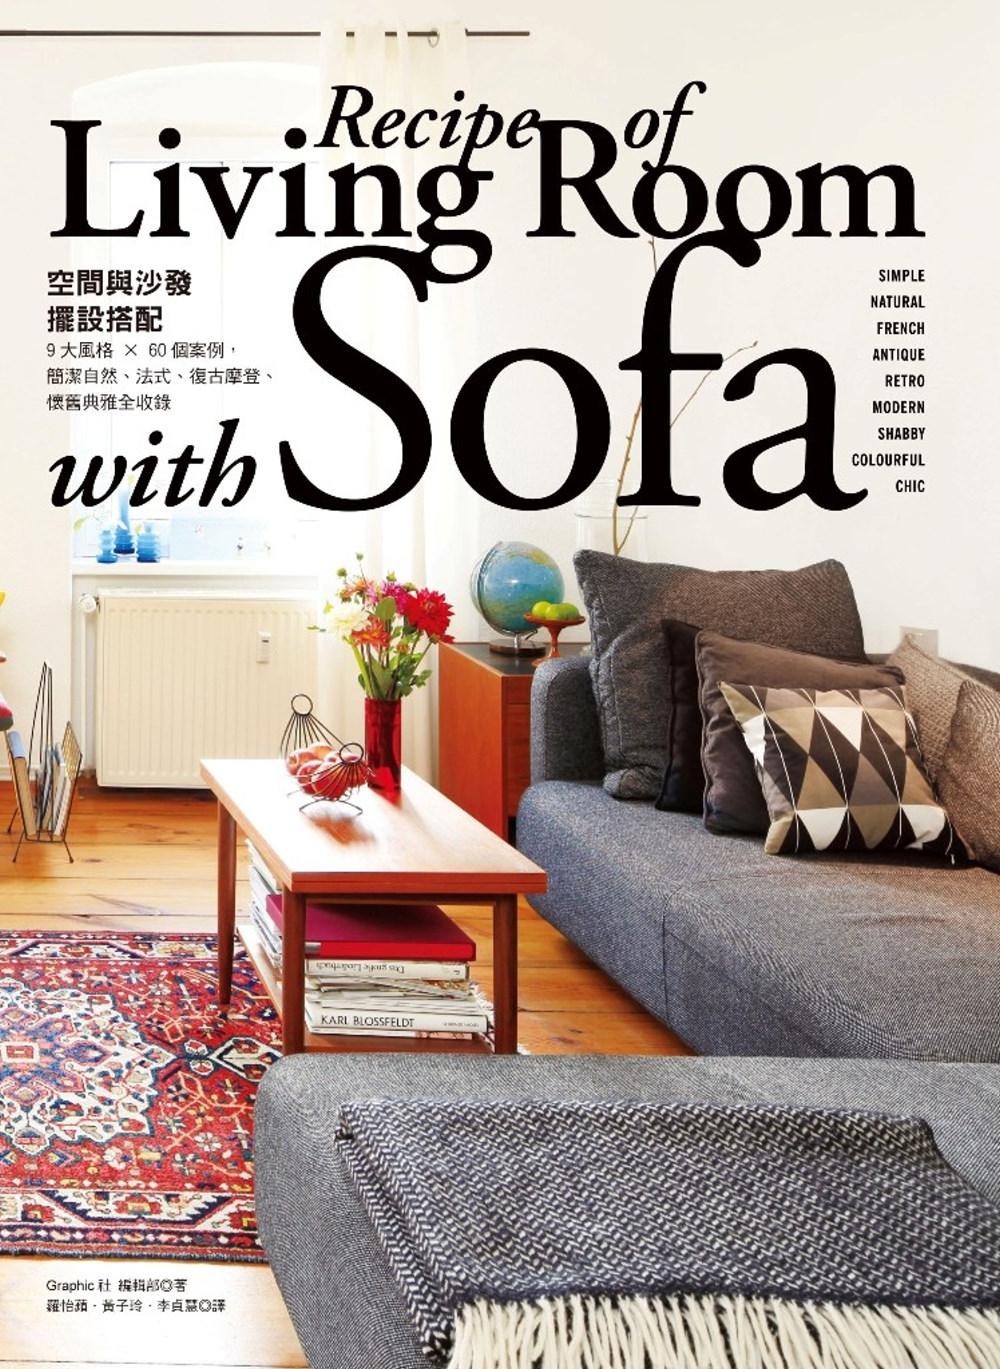 「空間與沙發」擺設搭配Life with sofa:9大風格 × 60個案例,簡潔自然、法式、復古摩登、懷舊典雅全收錄